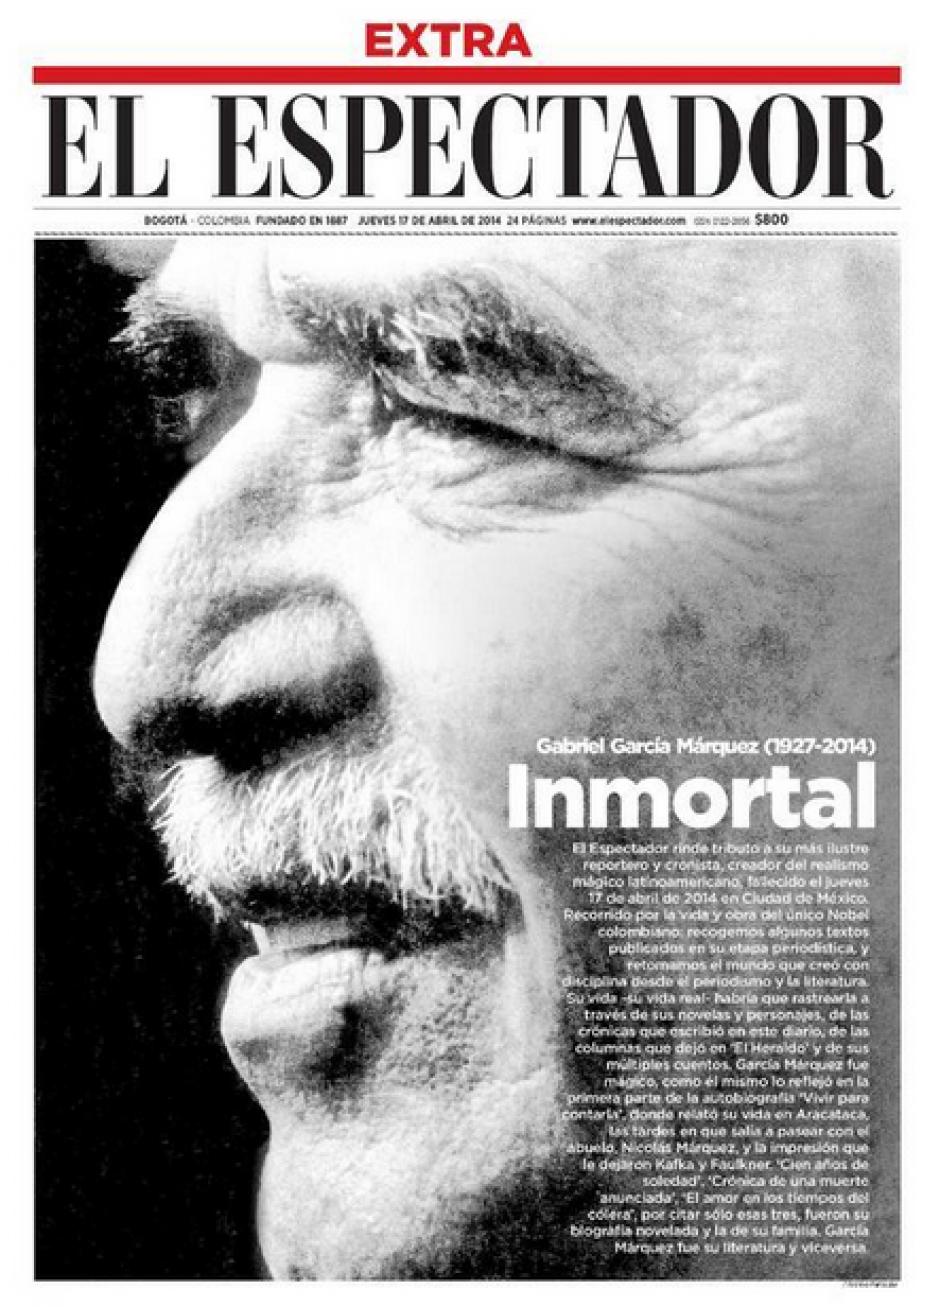 El diario El Espectador hizo circular una edición extra el jueves con motivo de la noticia del deceso del escritor colombiano. (Foto: Clases de Periodismo)